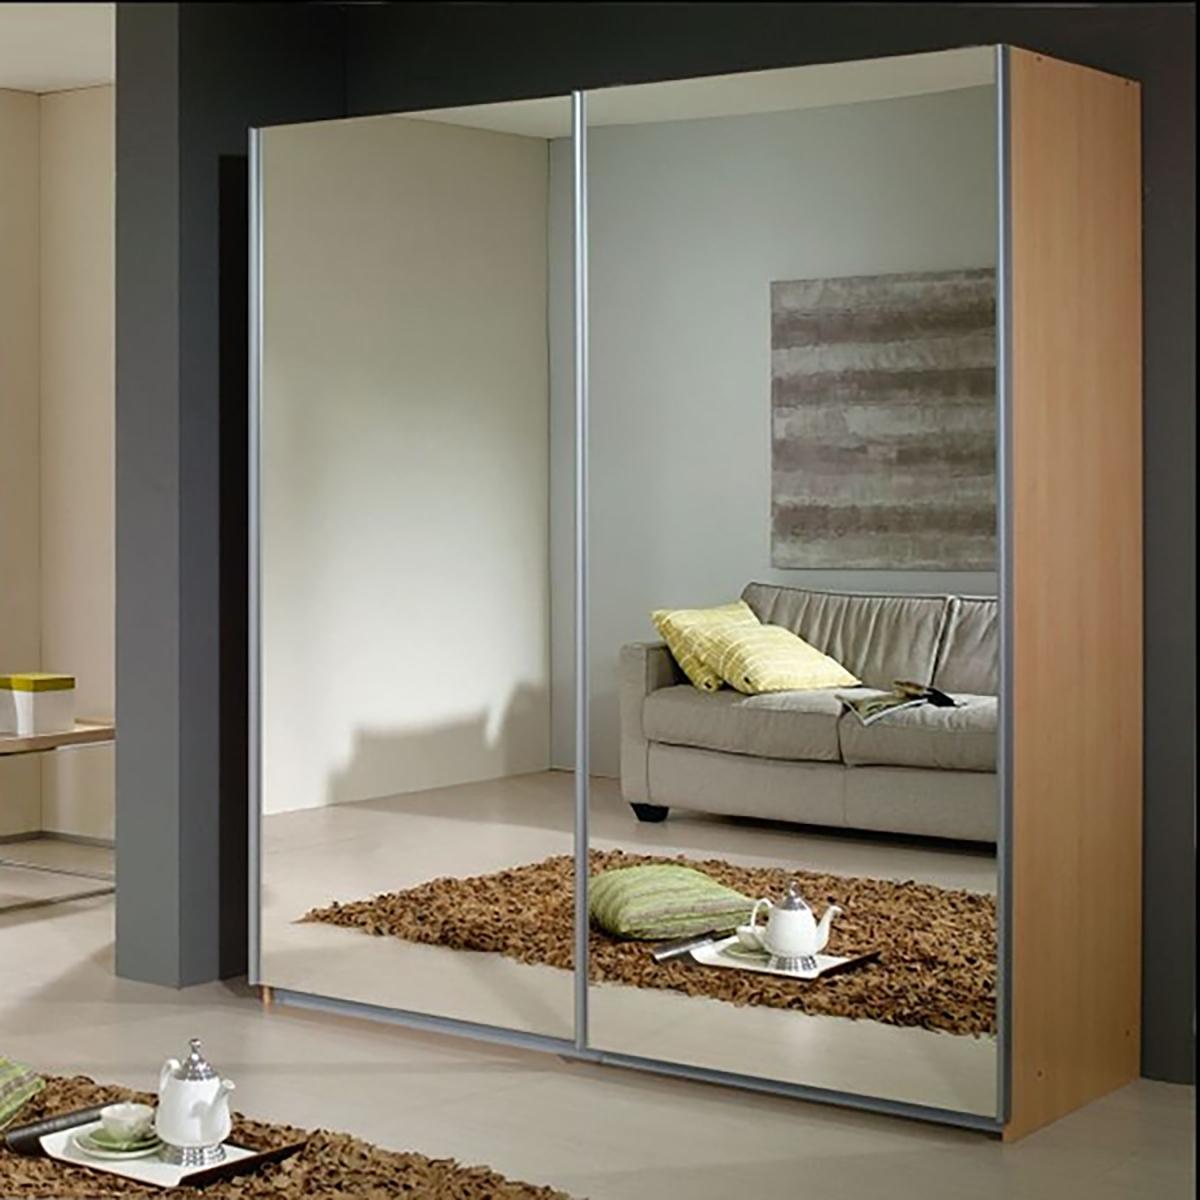 3-дверный шкаф-купе smc-147 с декоративным зеркалом серебро.